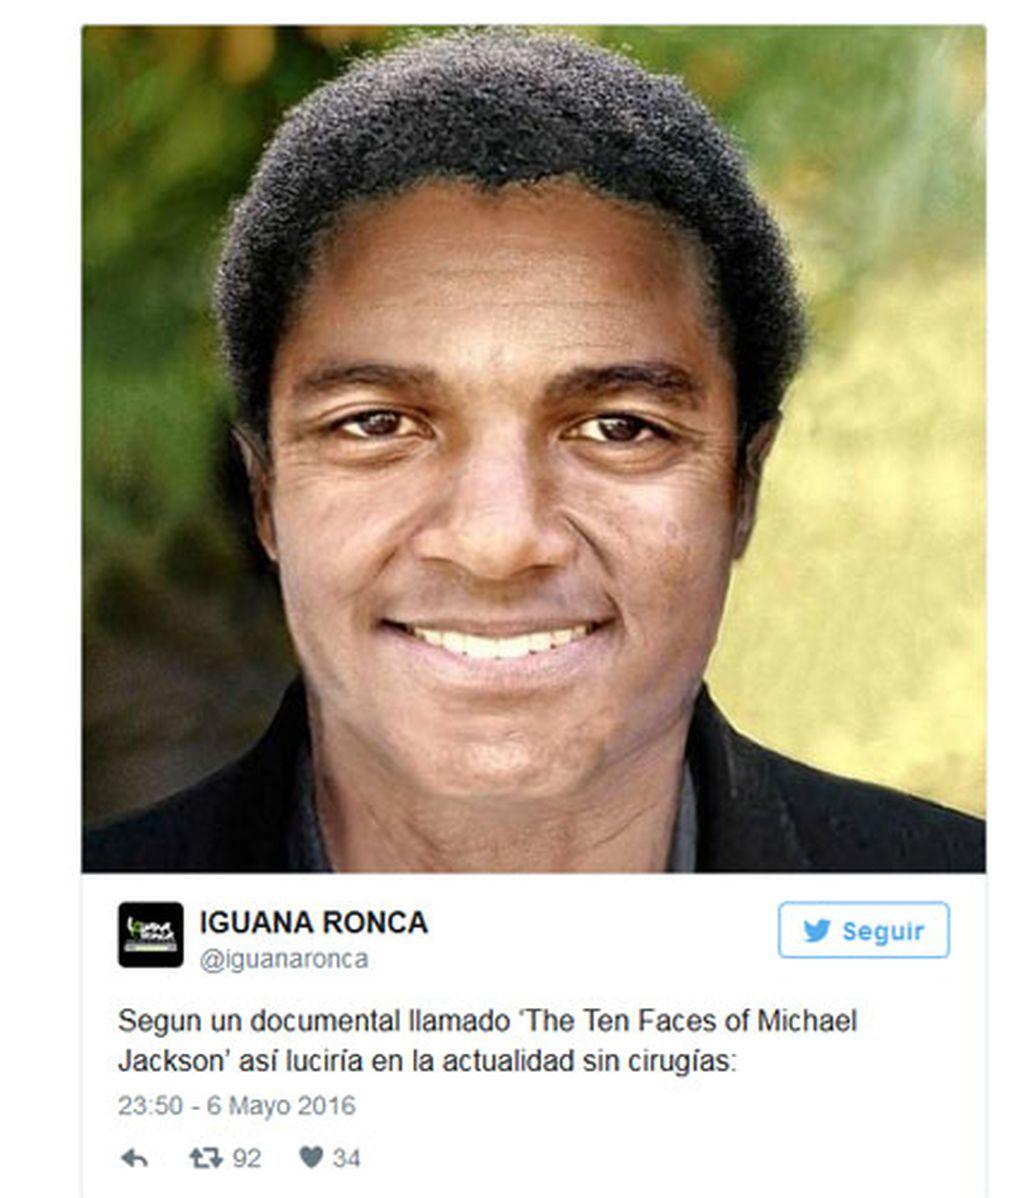 Así habría sido Michael Jackson sin cirugías ni blanqueo de piel